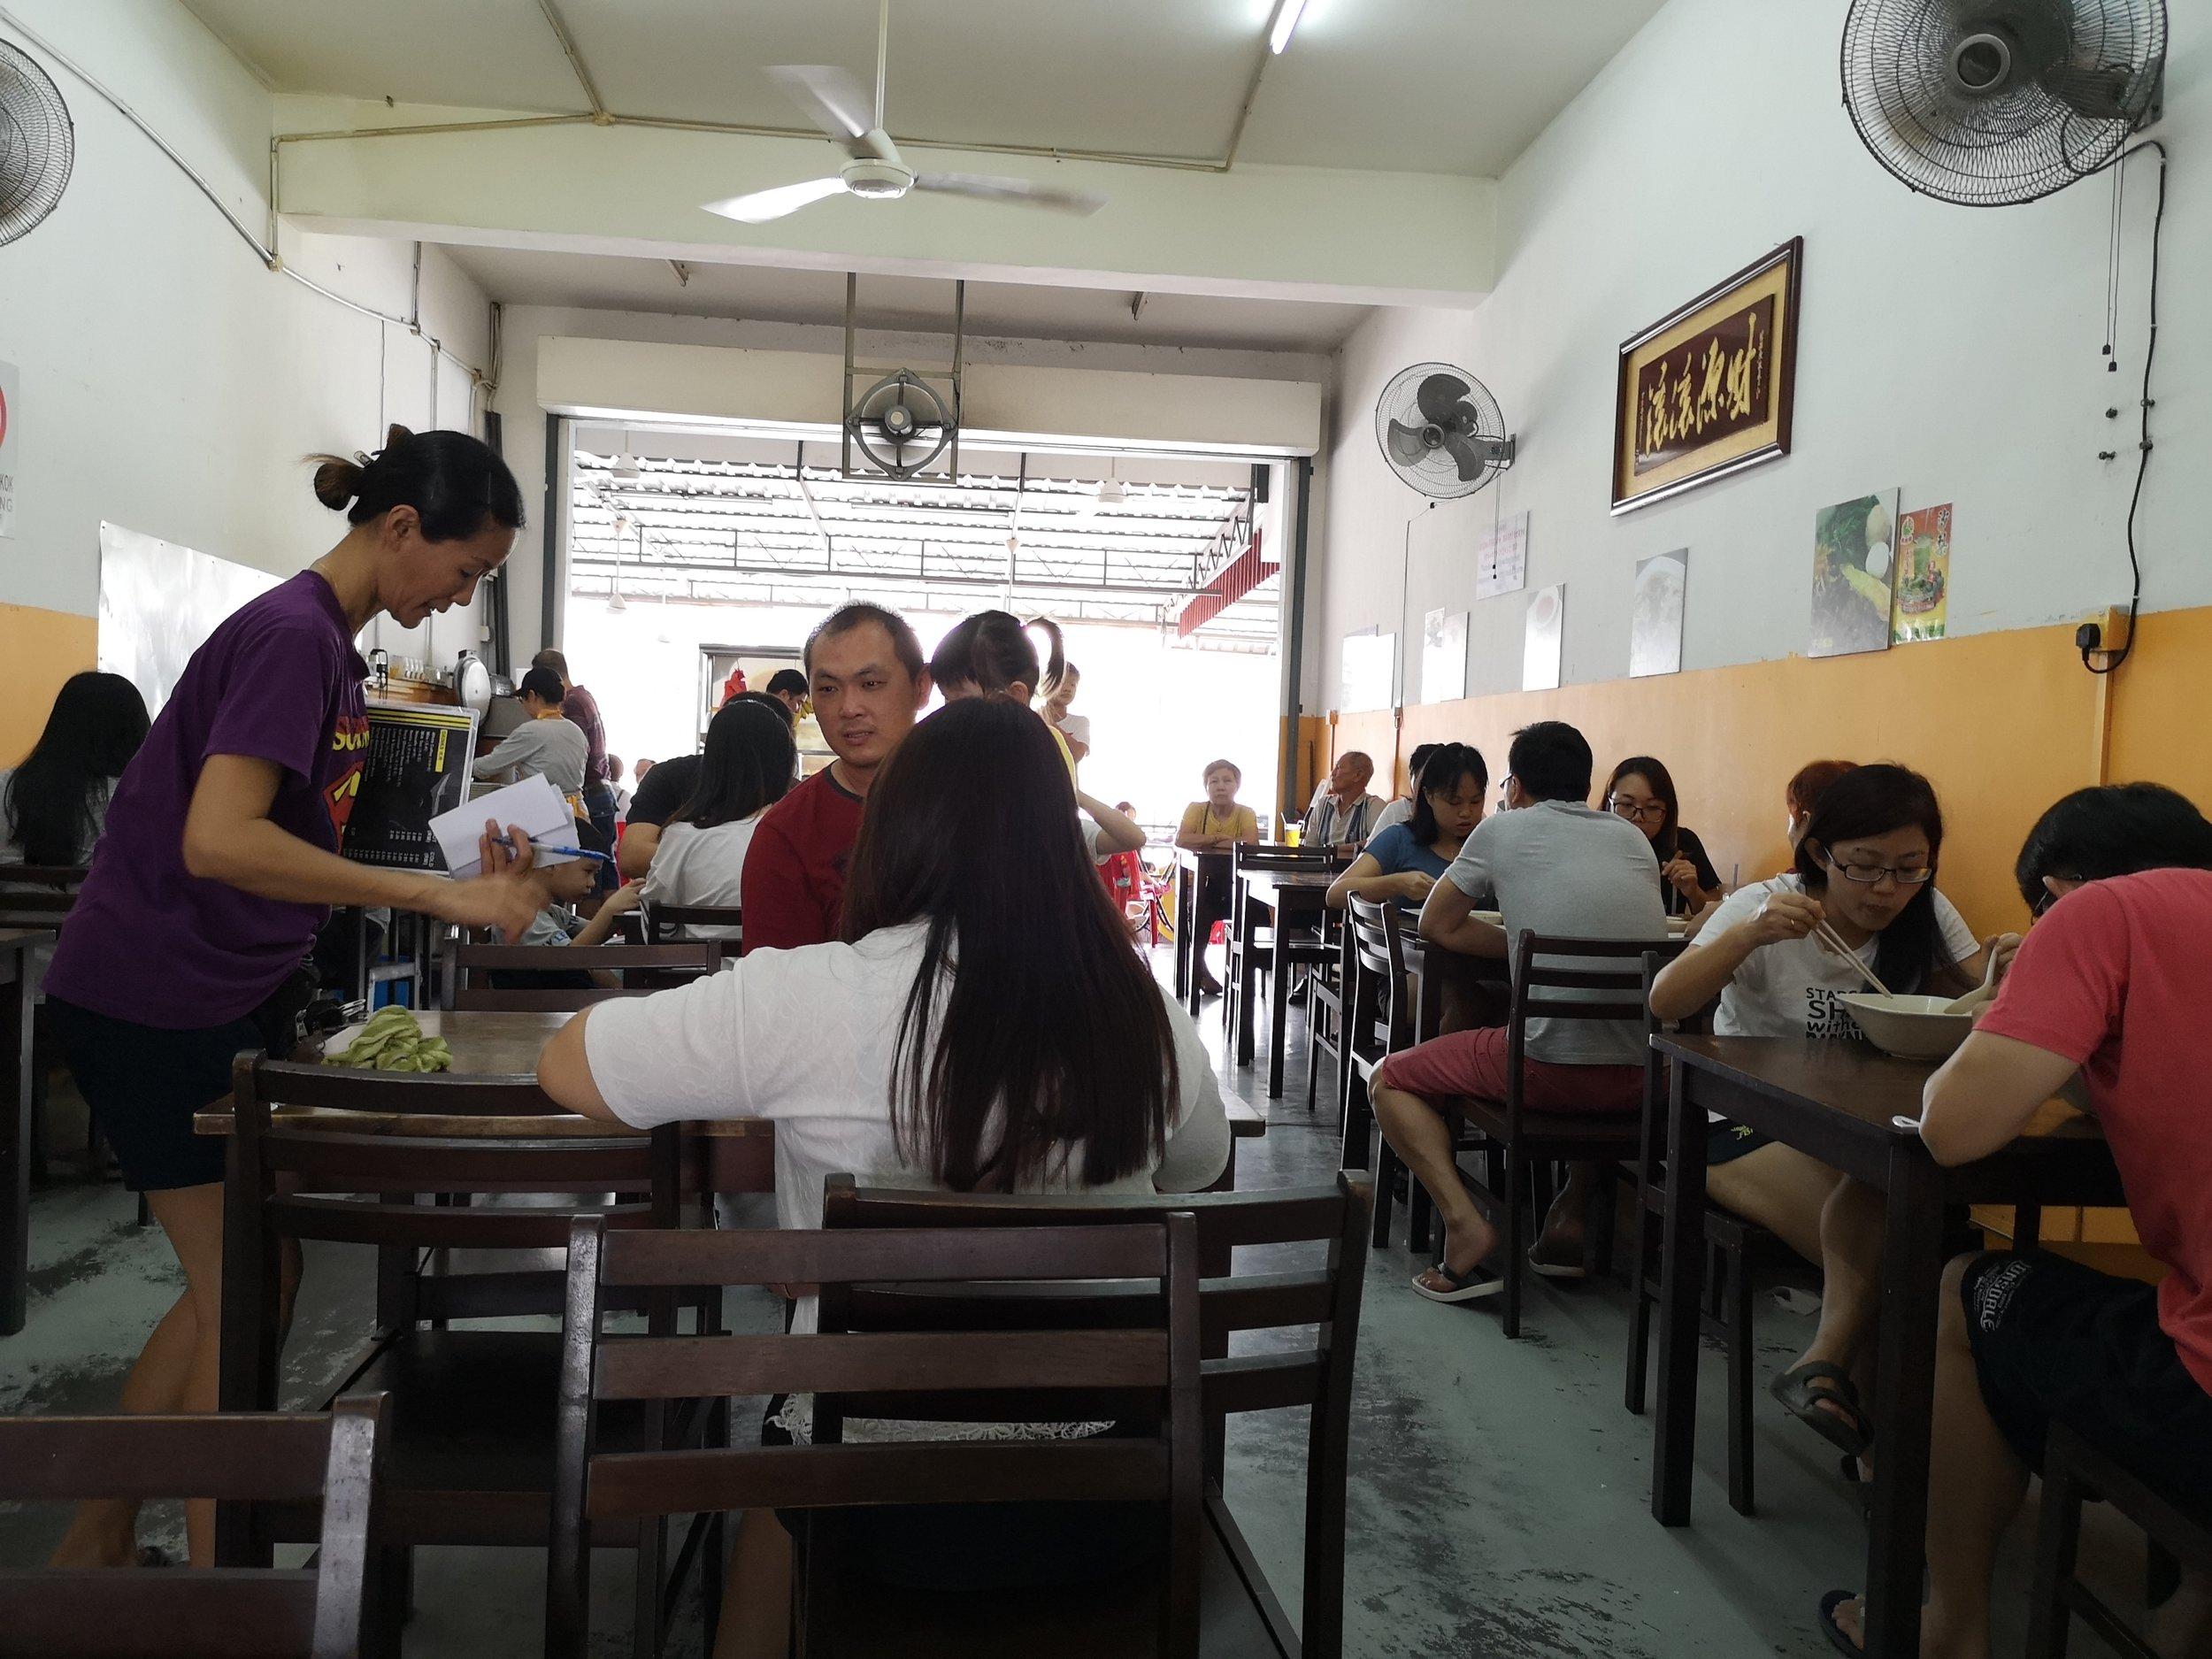 Chef Prata Bukit Indah Interior